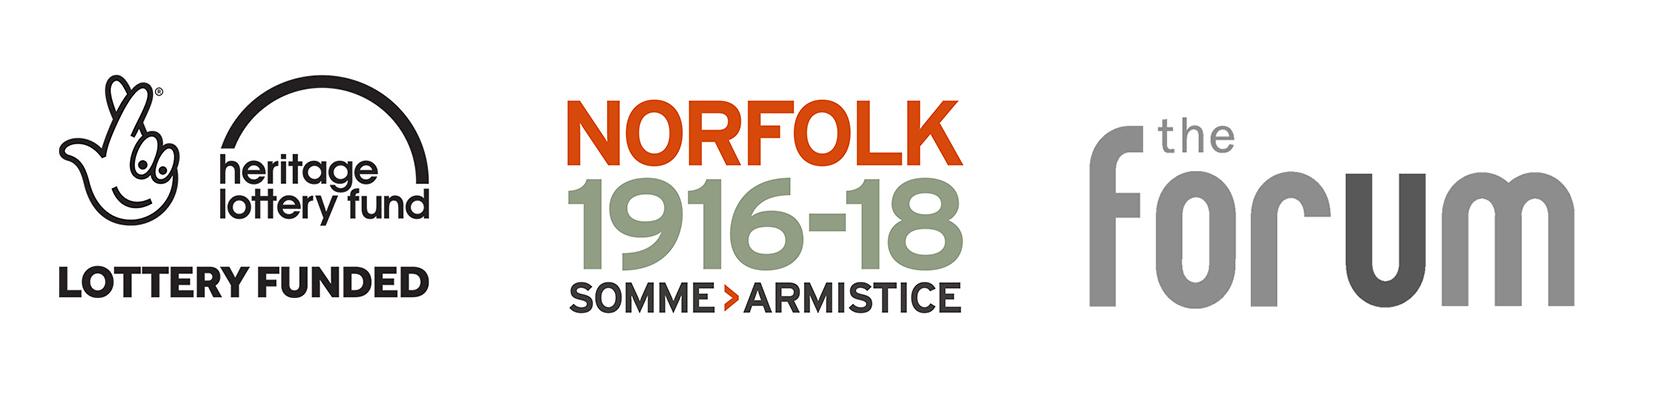 Norfolk 1916-18 logos